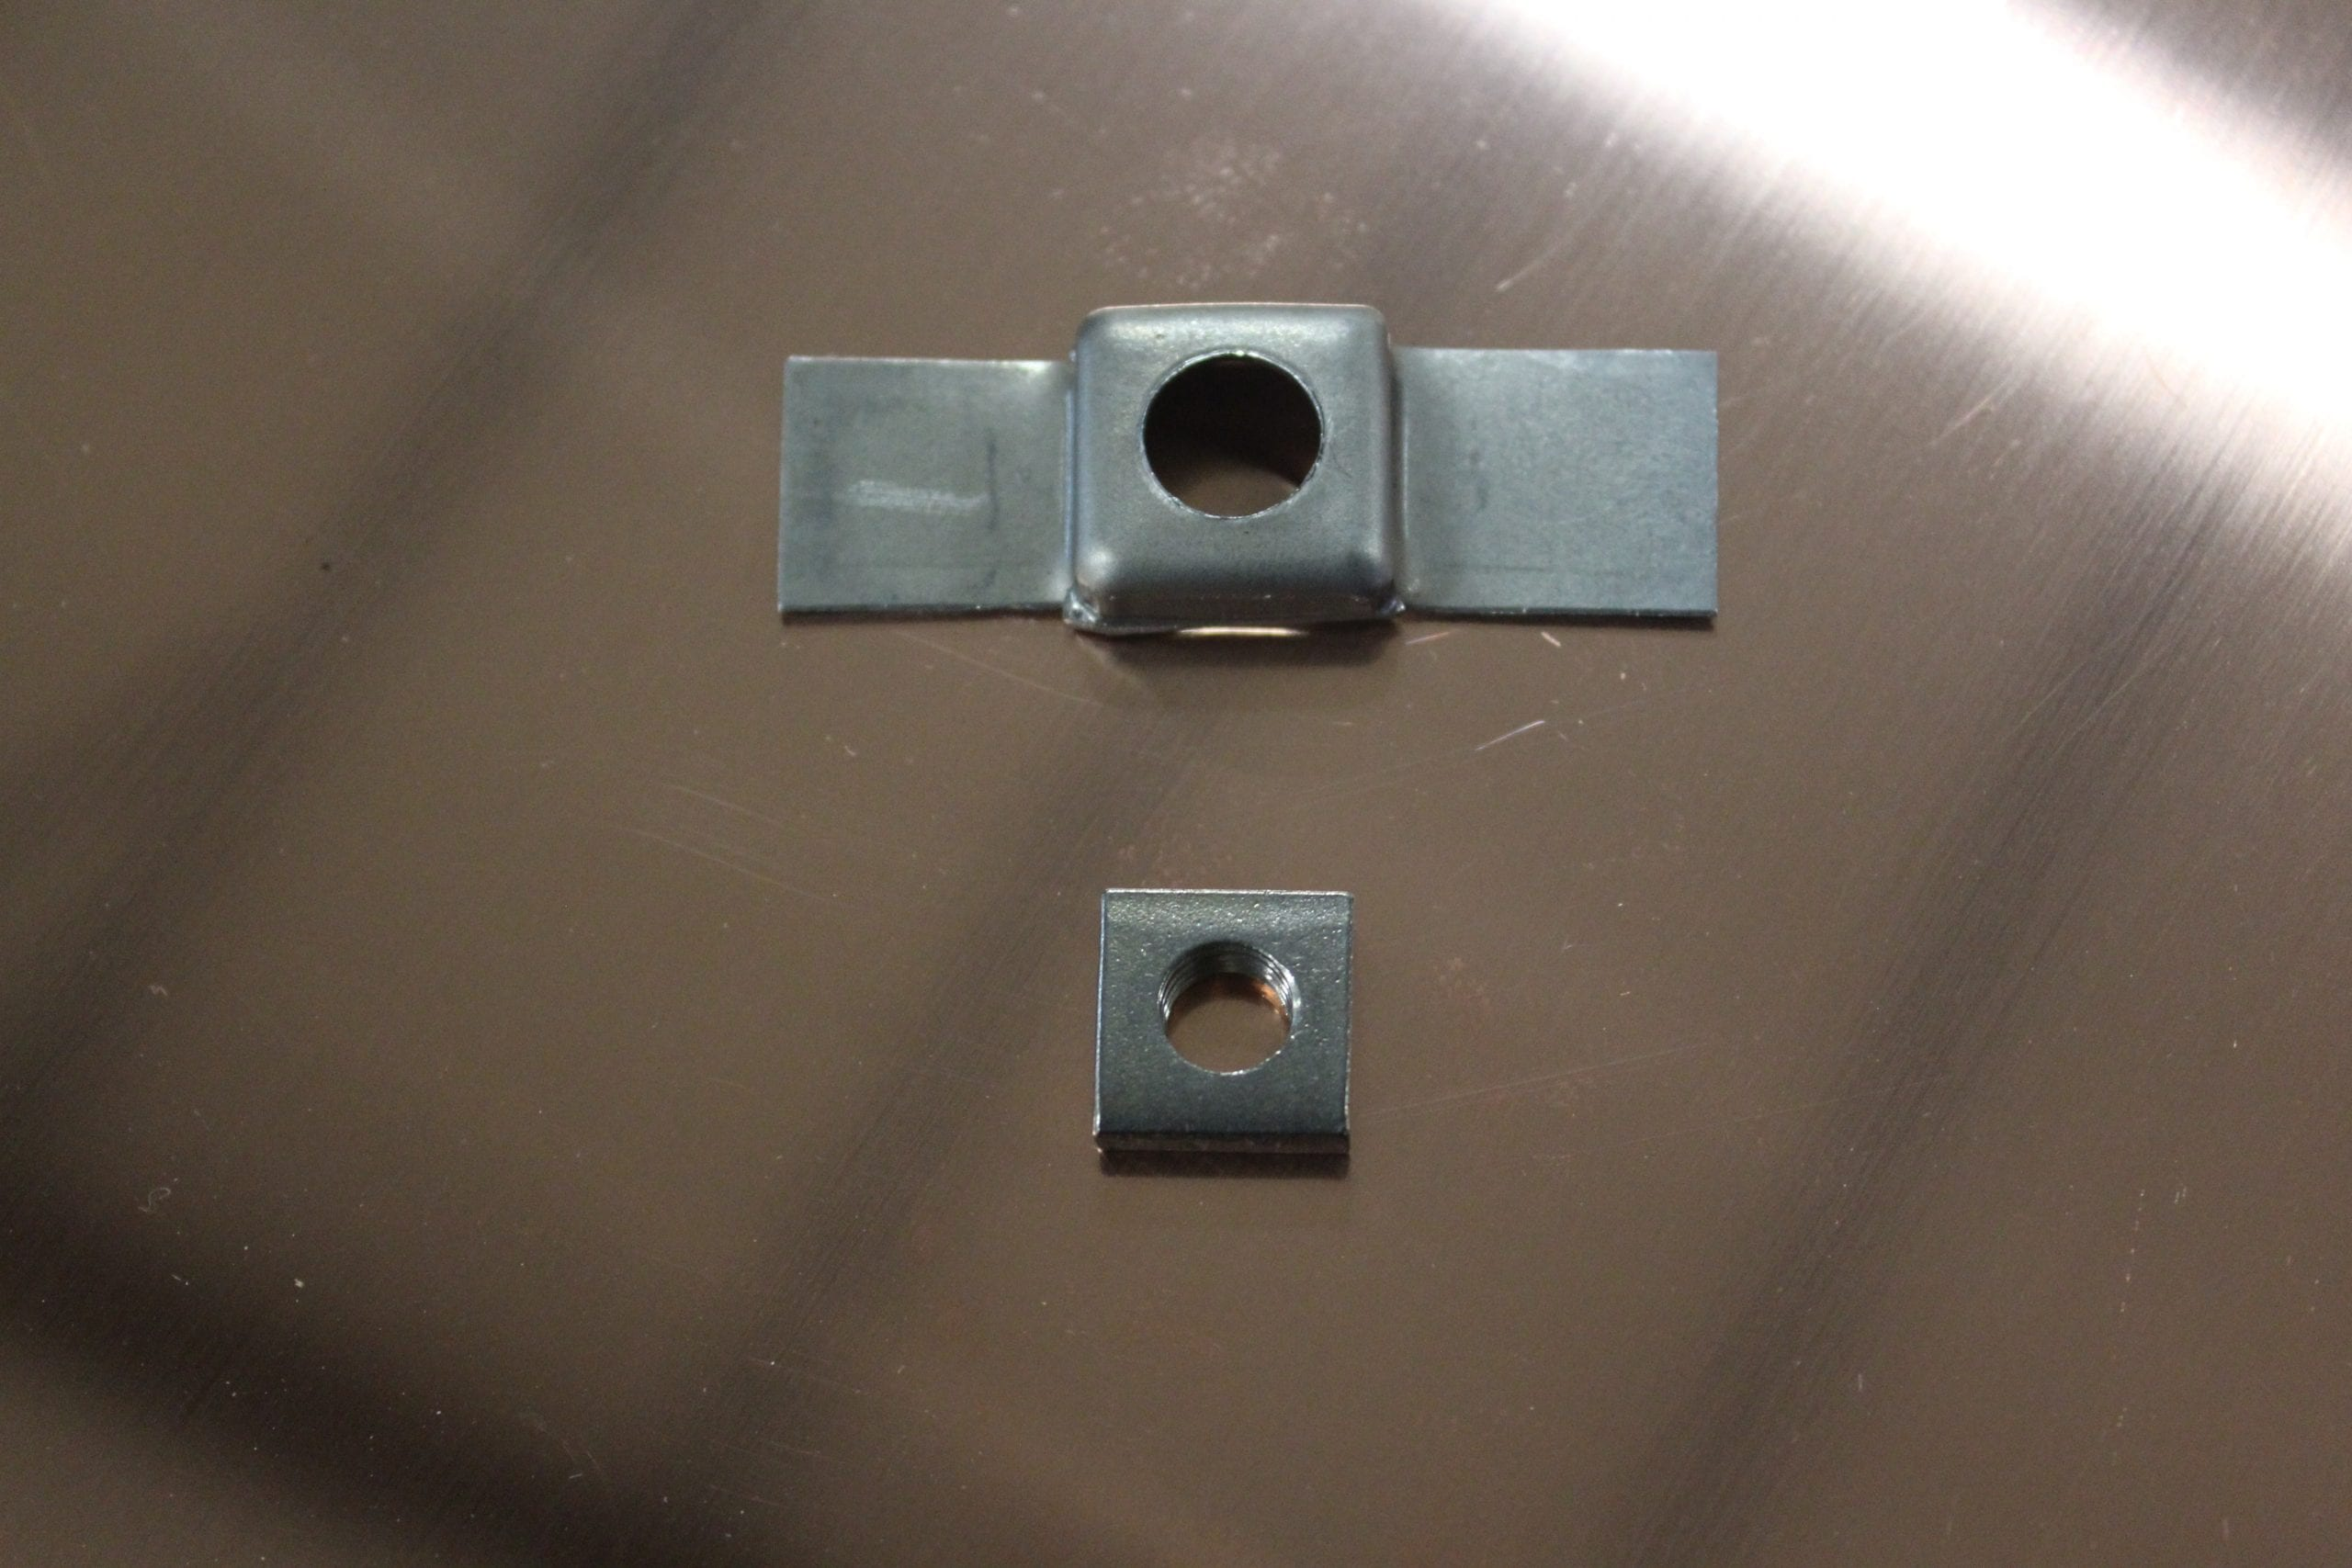 5 16 215 24 Cage Nuts Fit Xk 120 140 150 Jaguars Pro